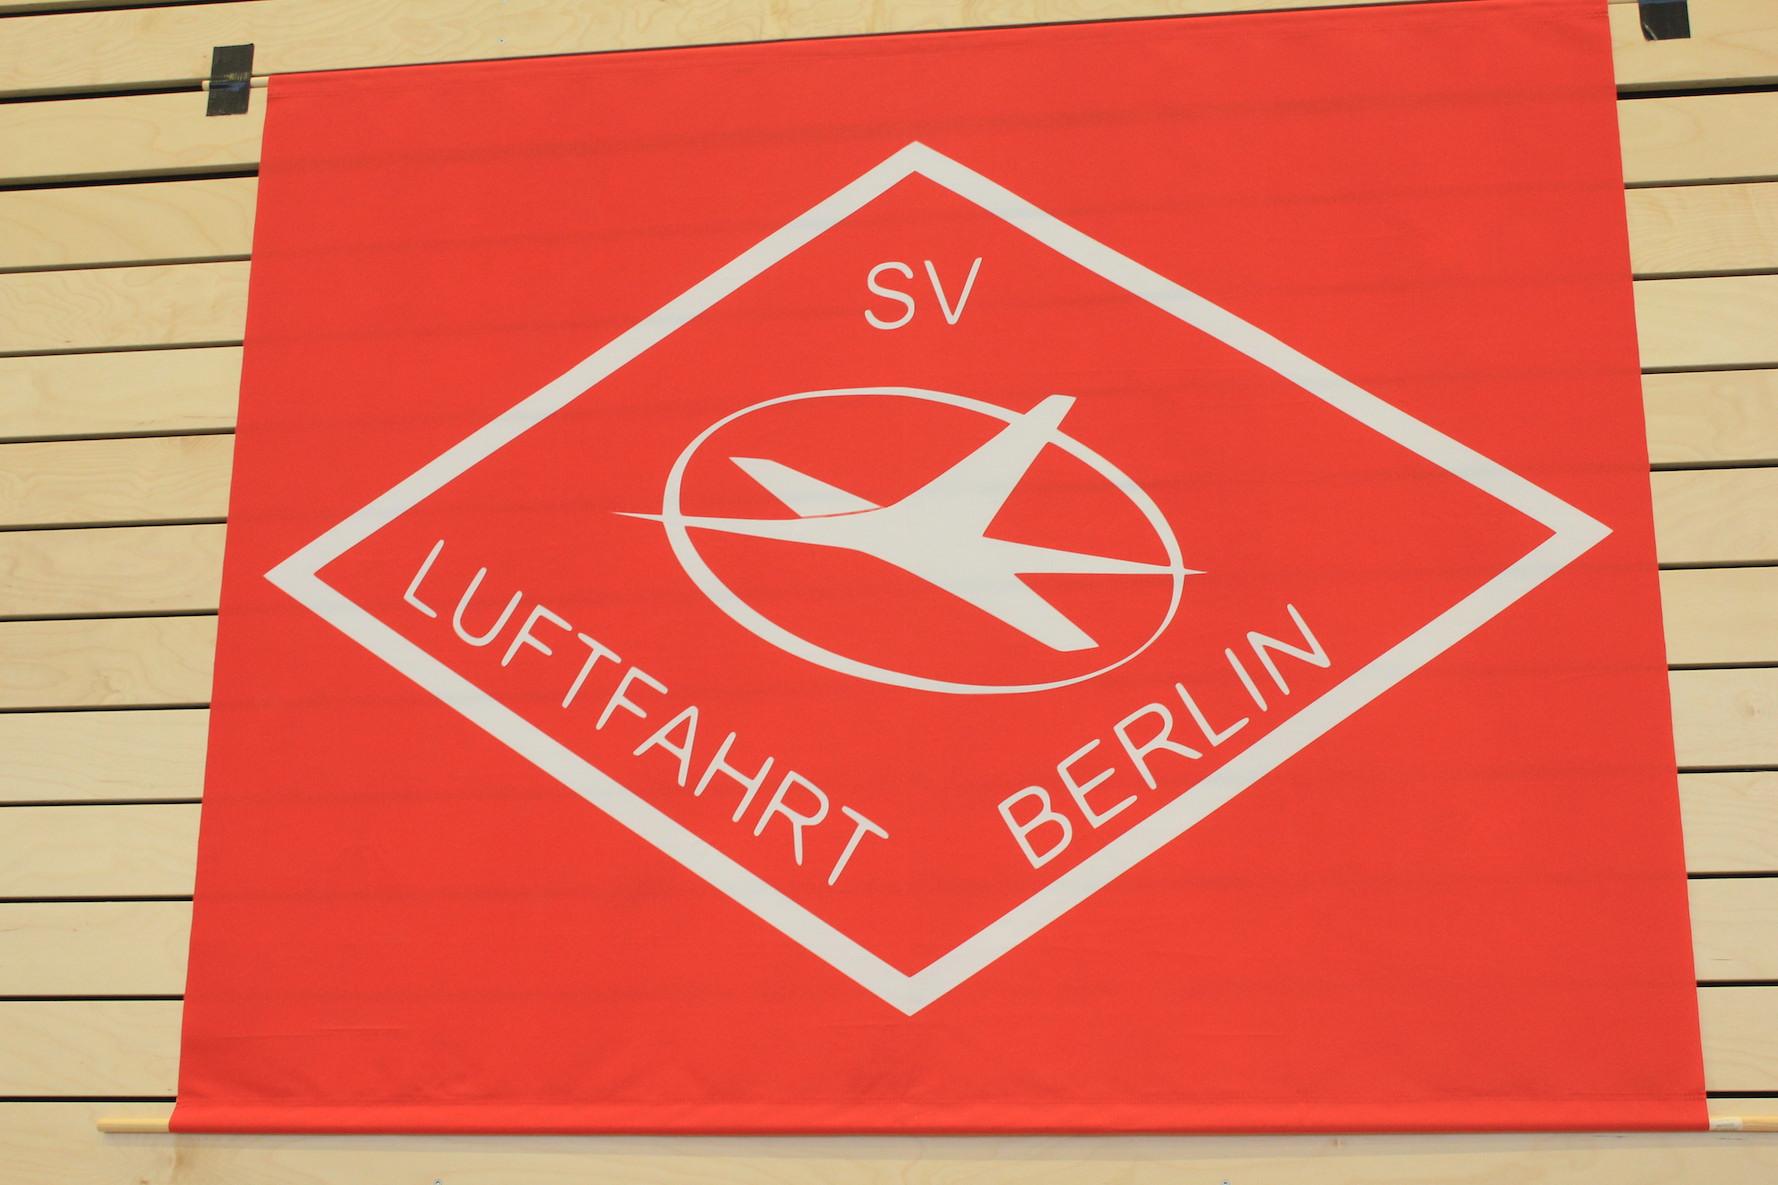 19_Luftfahrt_Neujahrsturnier_Berlin_2018_25